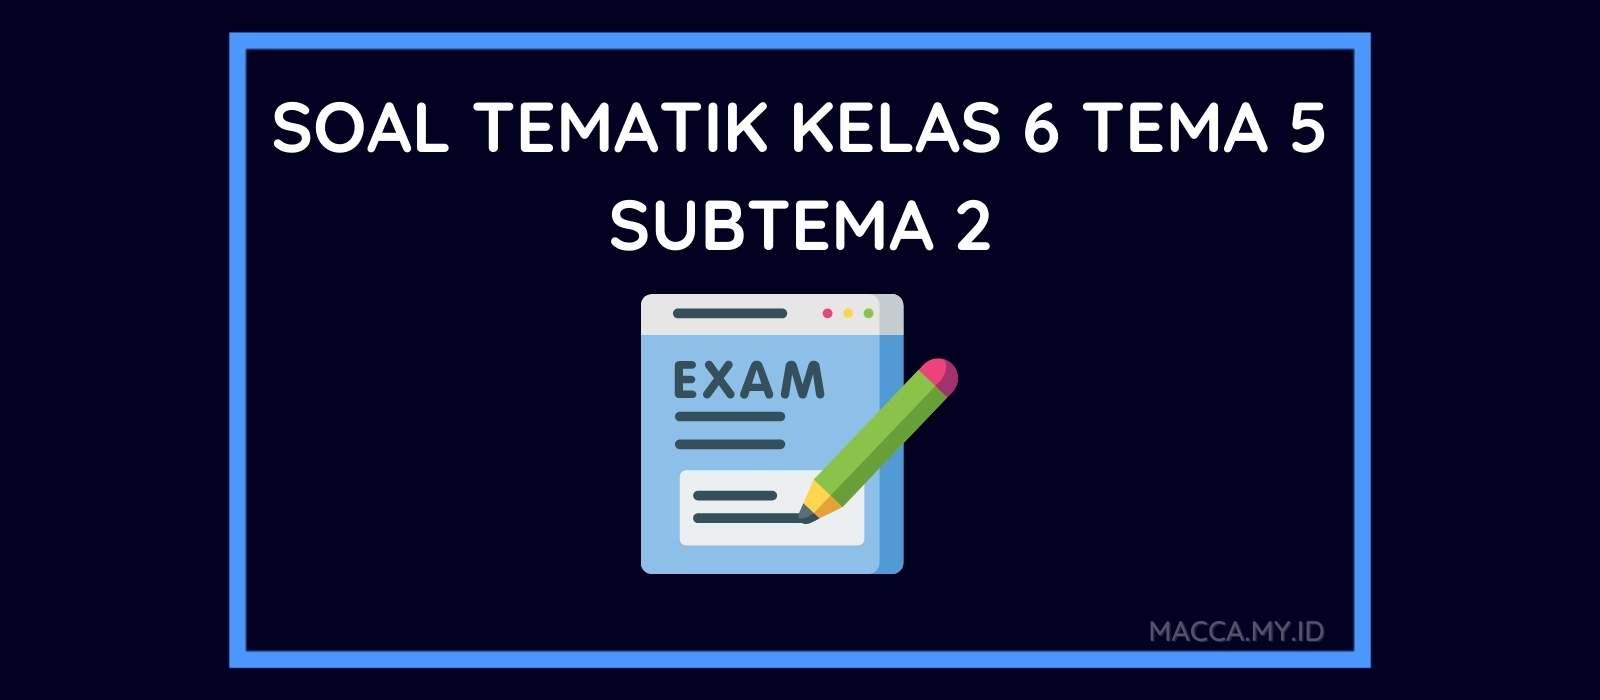 Soal Tematik Kelas 6 Tema 5 Subtema 2 dan Kunci Jawaban